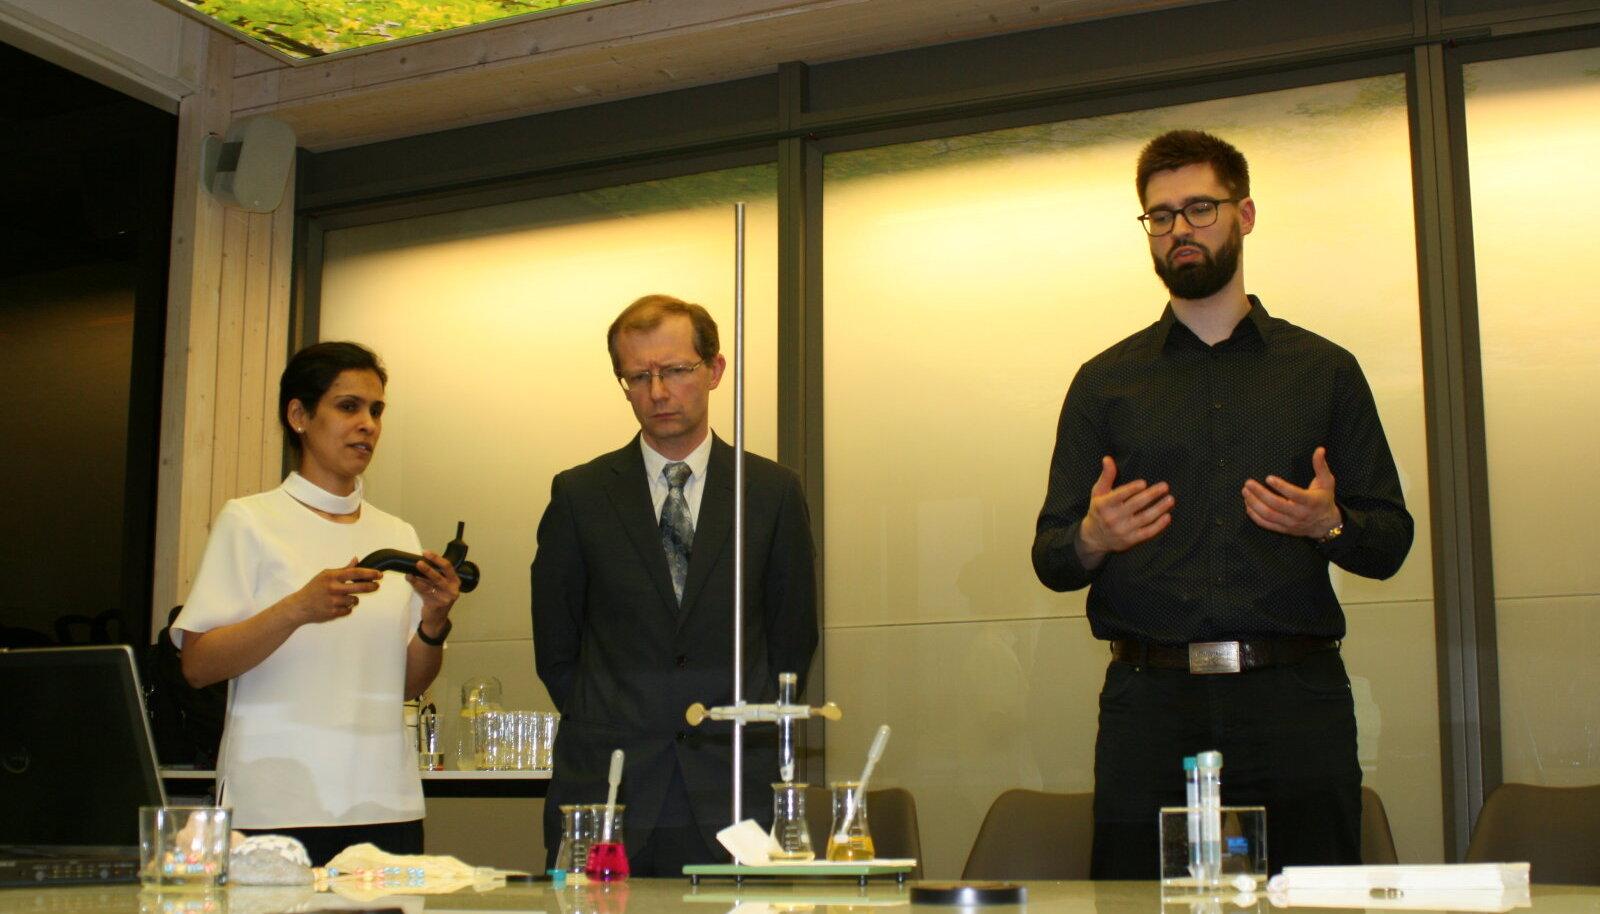 Nanofiltri leiutajad (vasakult): TTÜs töötavad teadlased doktor Protima Rauwel, professor Erwan Rauwel ja doktorant Siim Küünal.